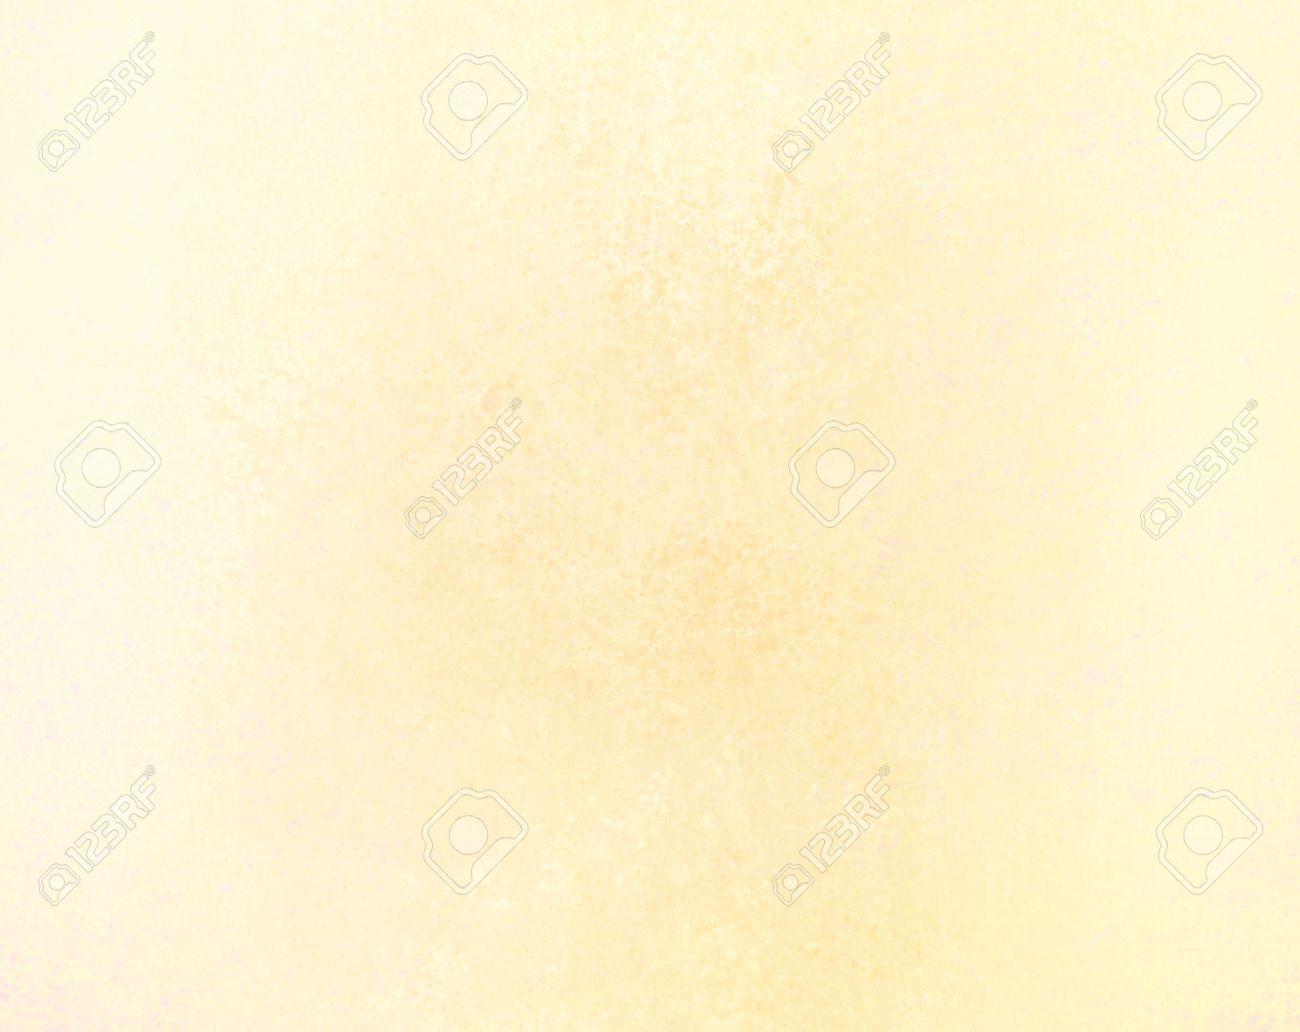 Alte Papier Textur Hintergrund Weiße Farbe Beige Oder Cremefarben